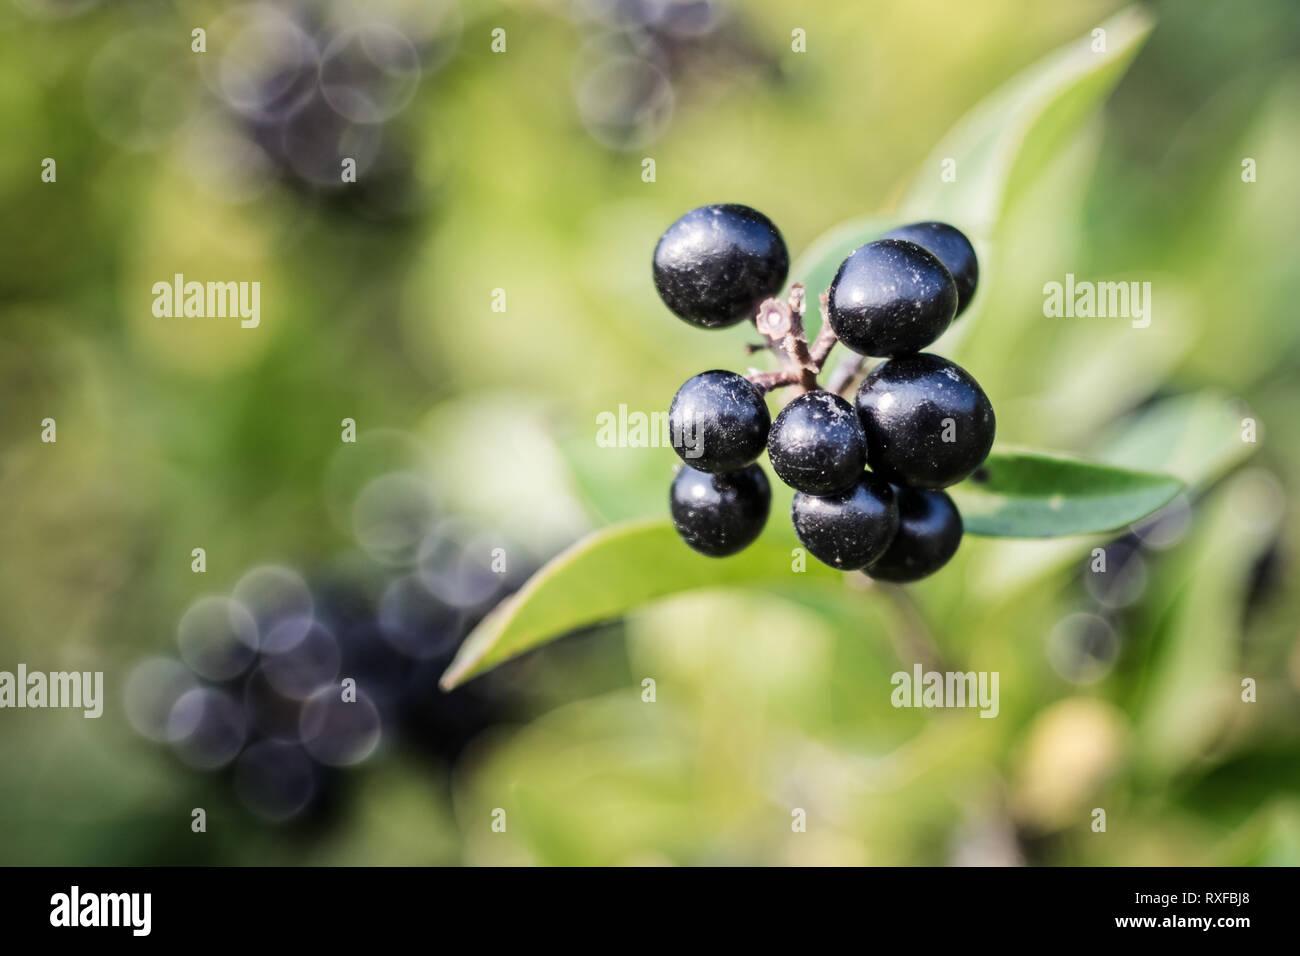 Im tiefen dunkelblau glänzende Beeren auf einem Strauch der wilden Liguster (Ligustrum), oder selten Rainweiden genannt, im Herbst. - Stock Image